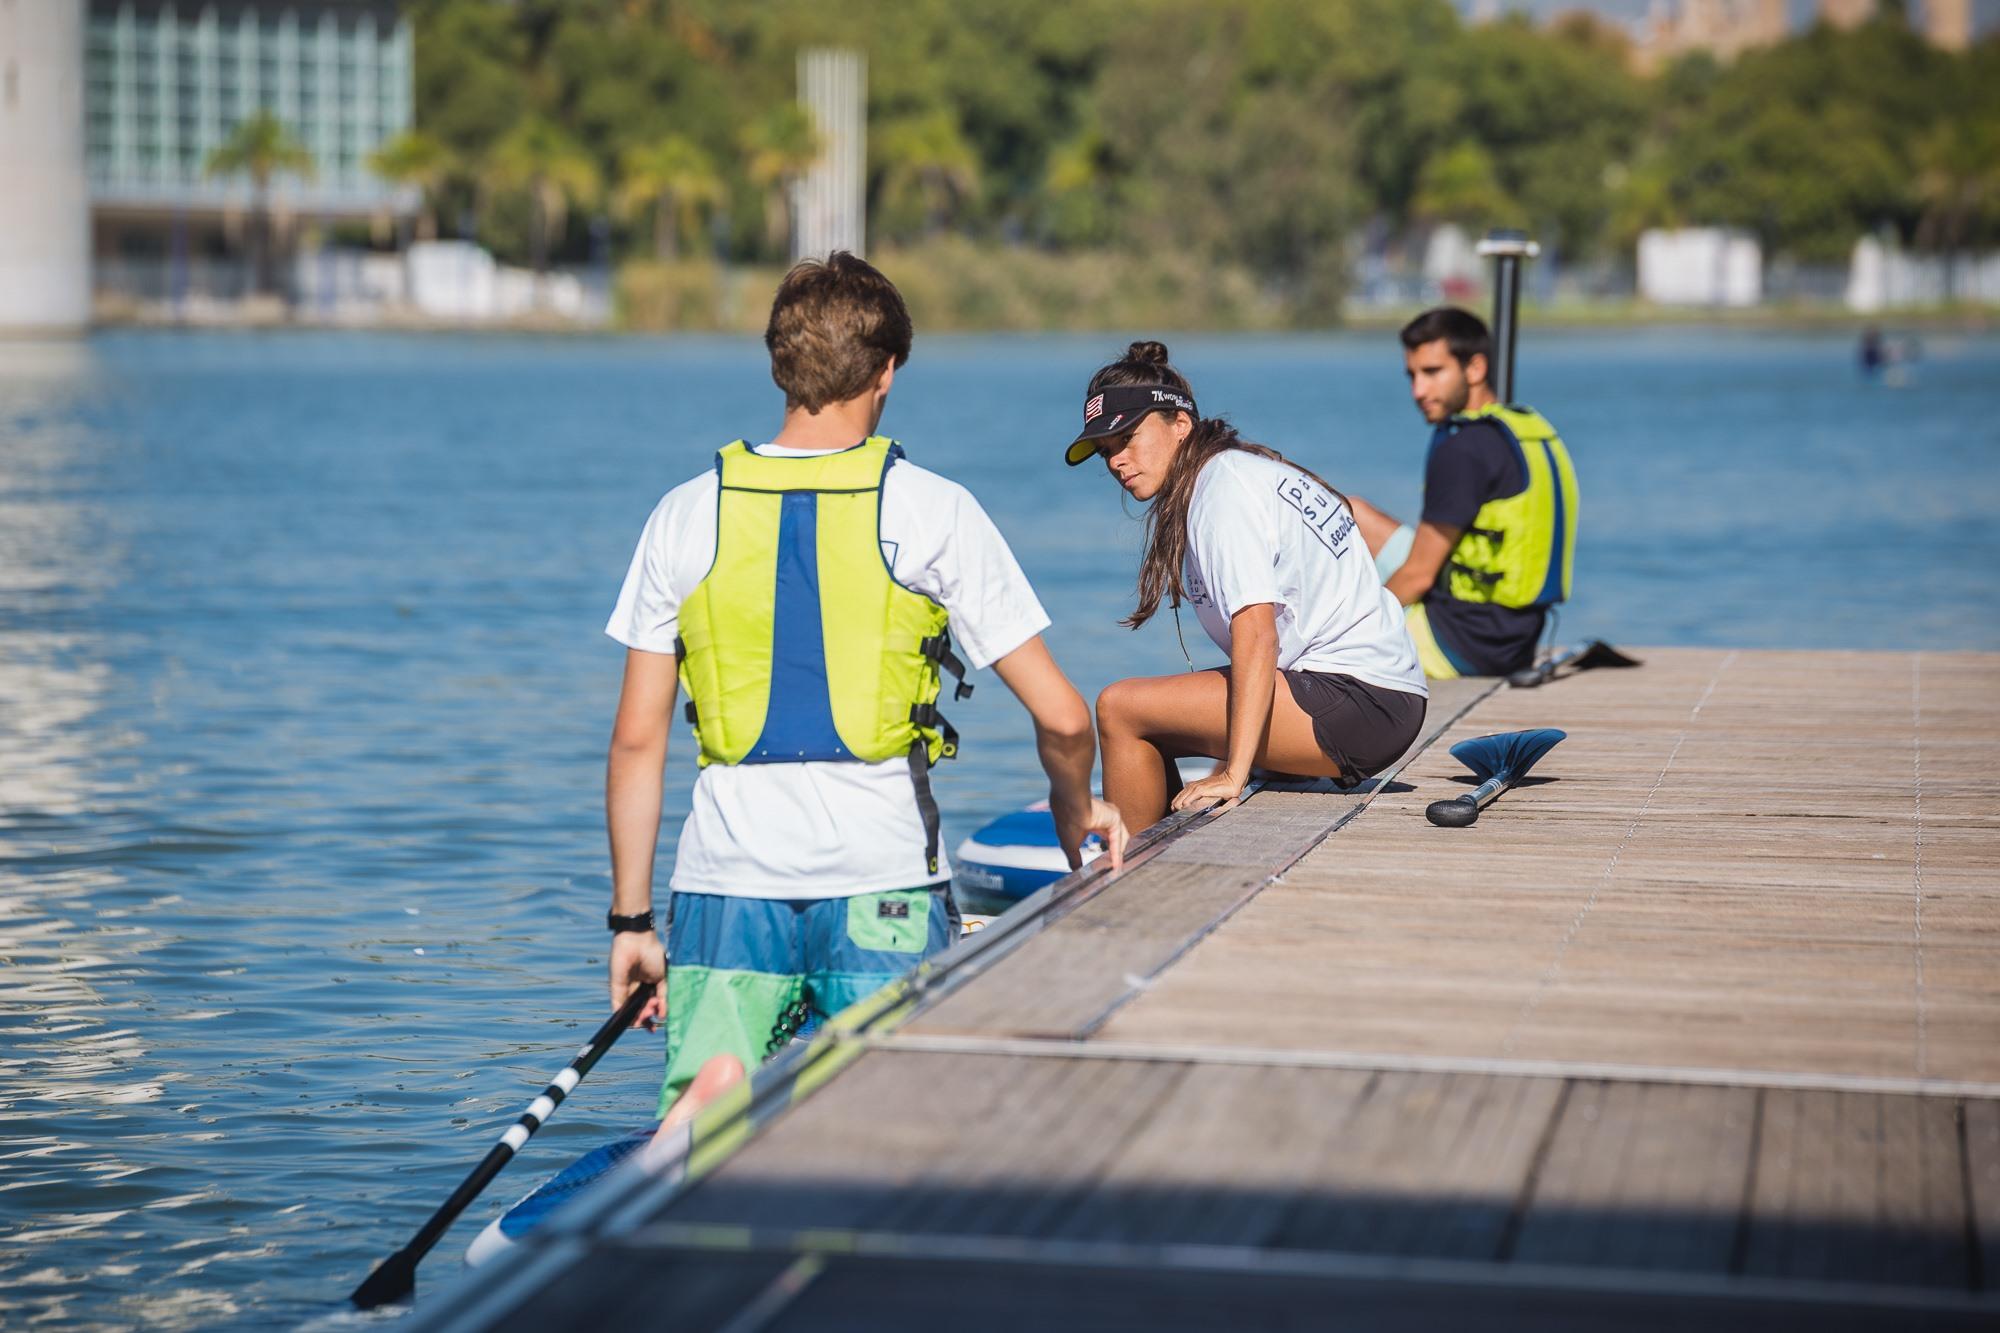 Usuarios de 'Paddle Surf Sevilla' destacan la paciencia del personal con los principiantes.